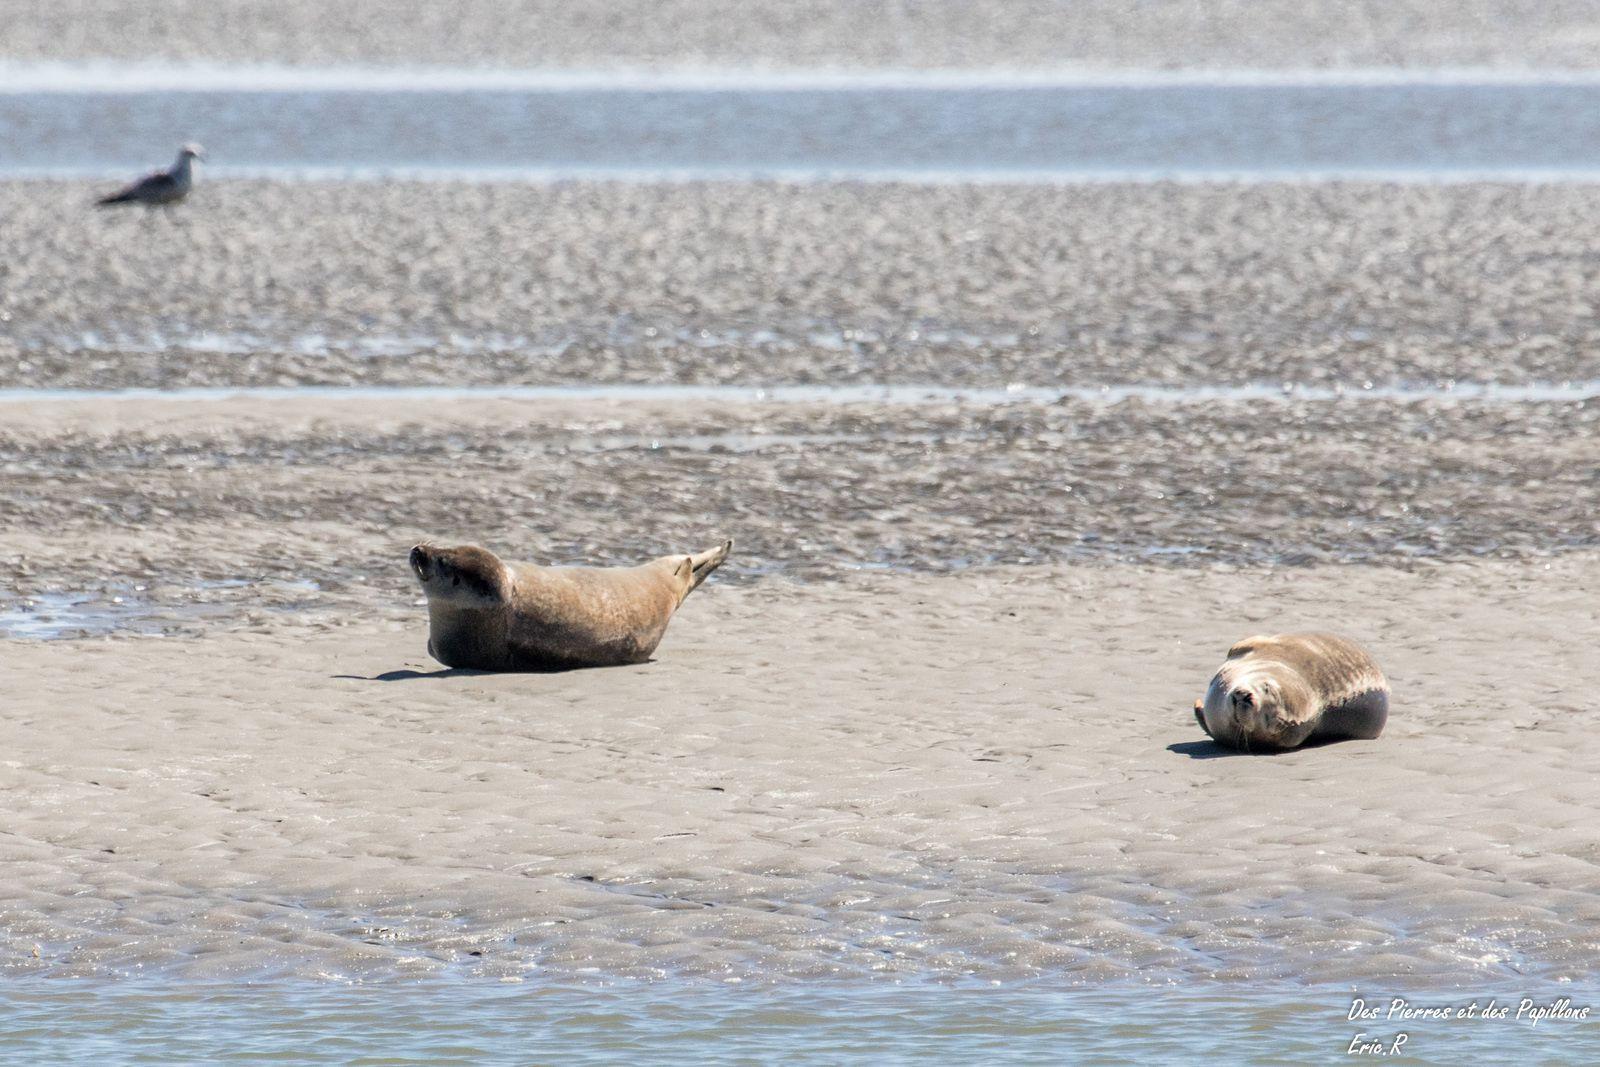 Des phoques dans la baie de l'Authie.